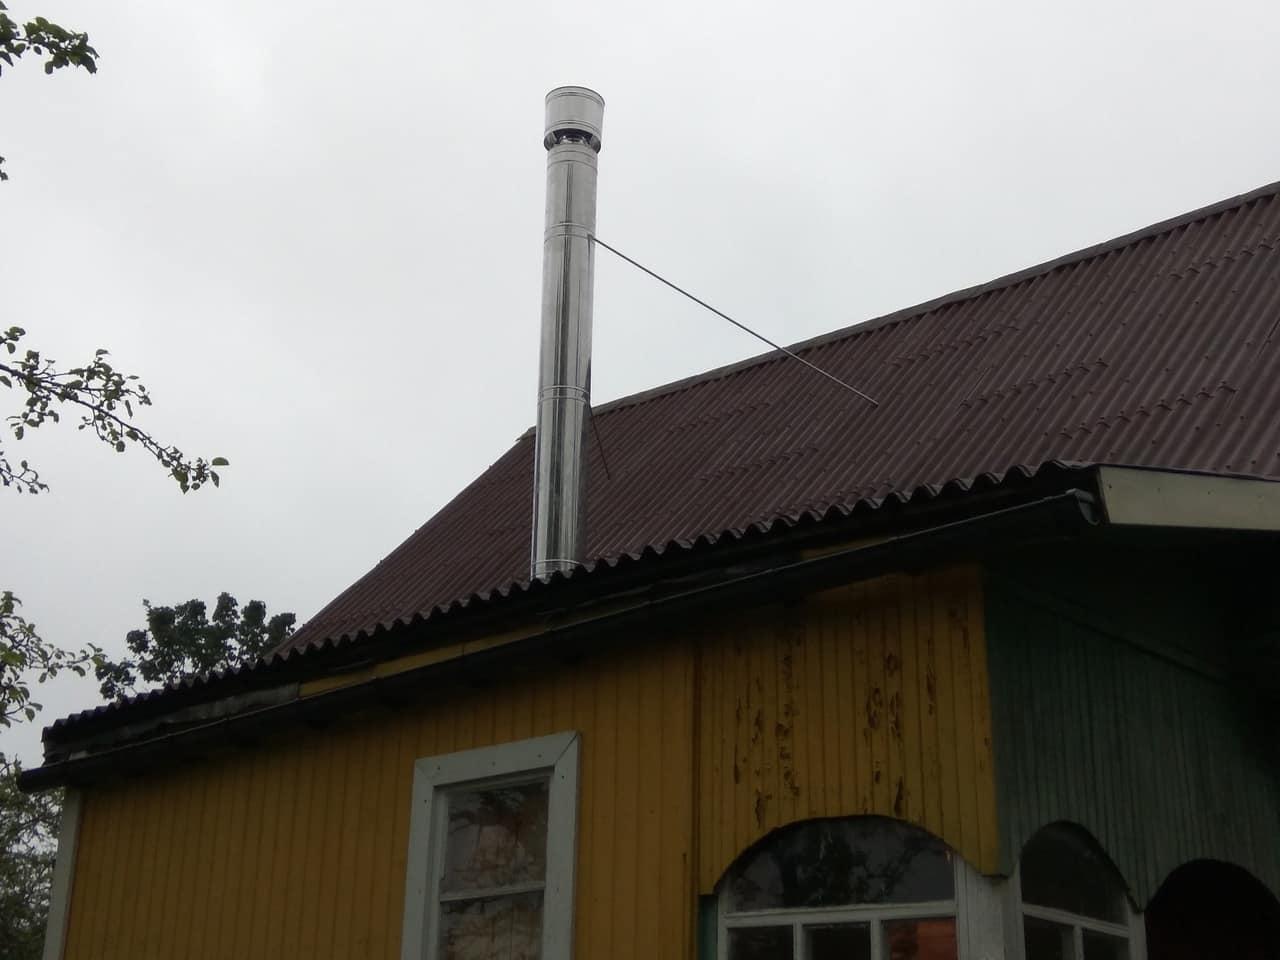 стальной дымоход на крыше загородного дома